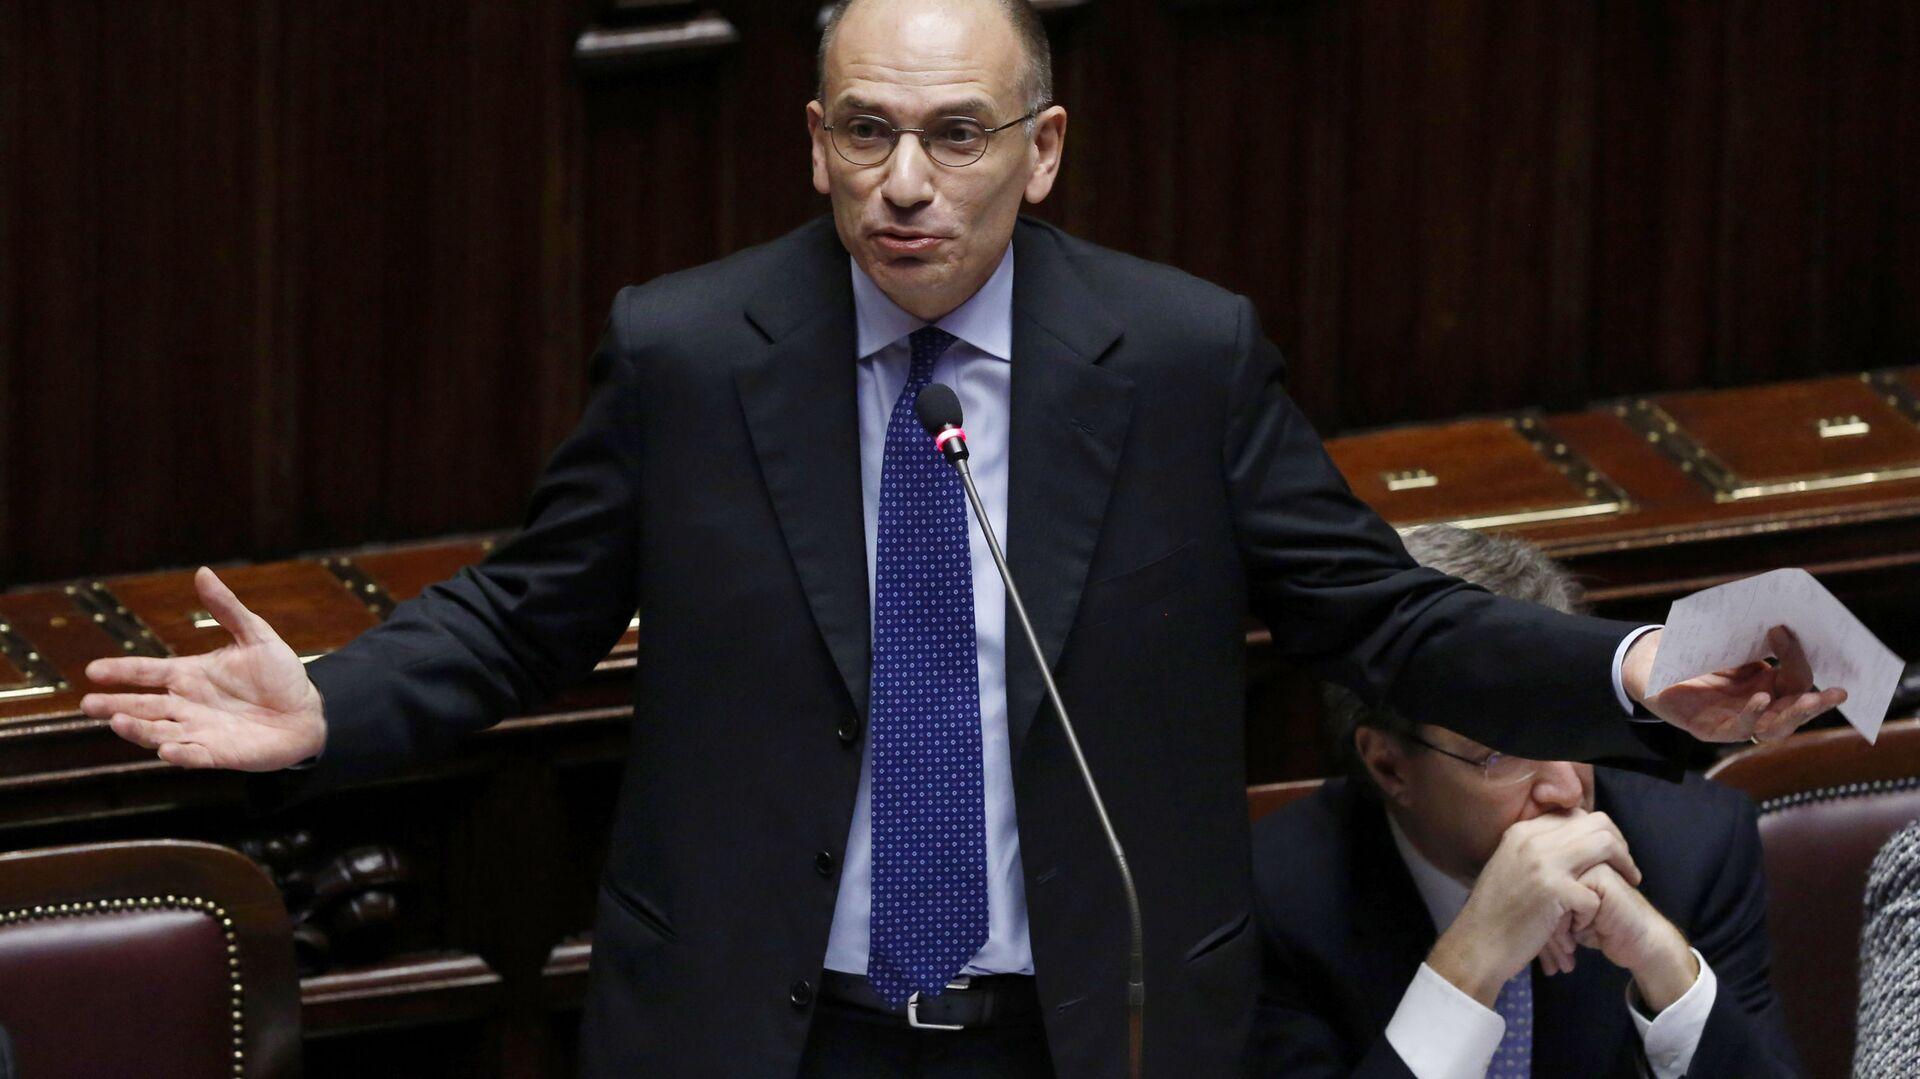 Enrico Letta, segretario del Partito Democratico - Sputnik Italia, 1920, 02.05.2021